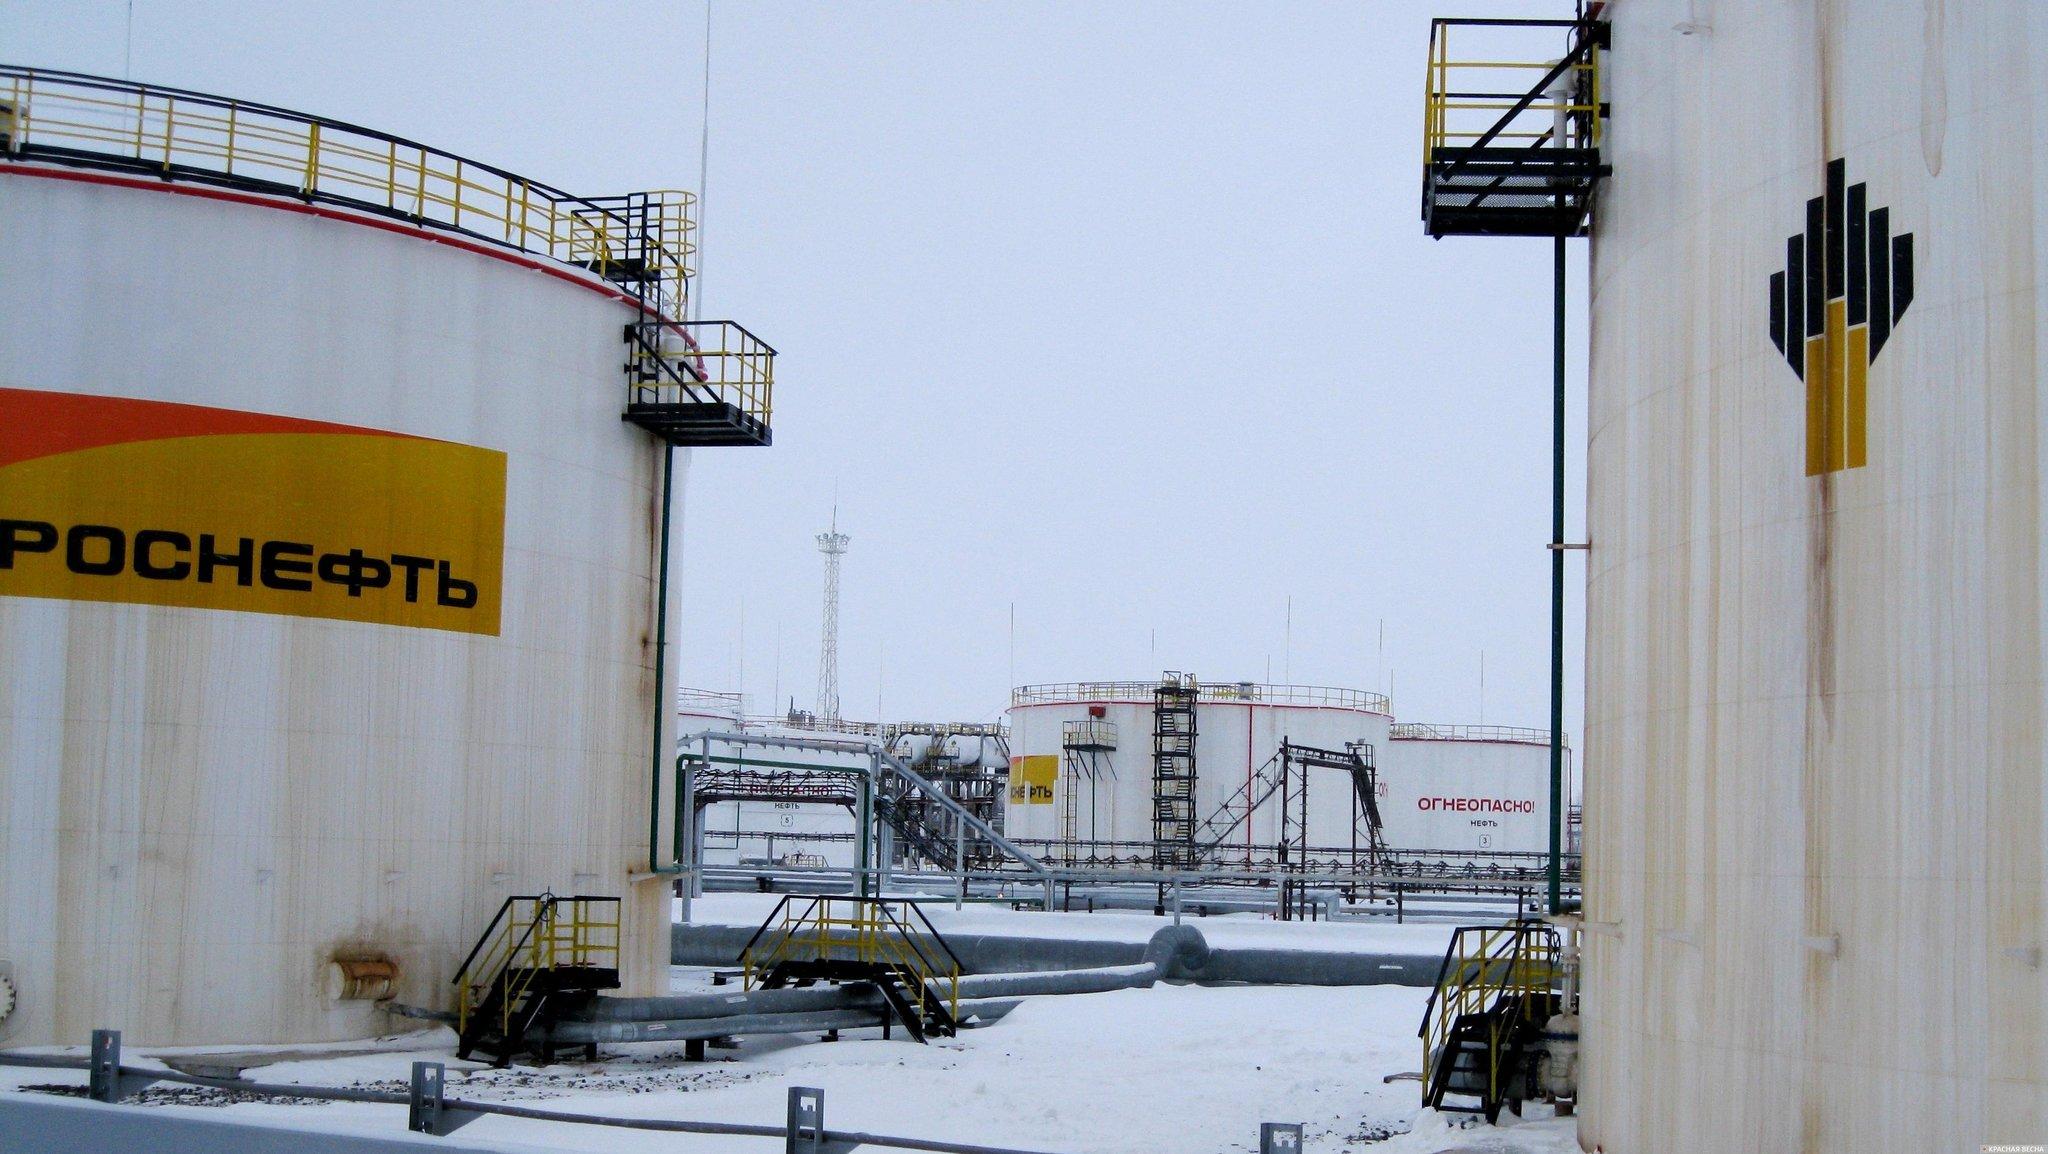 Инвестировать в роснефть могу ли я взять кредит мне 20